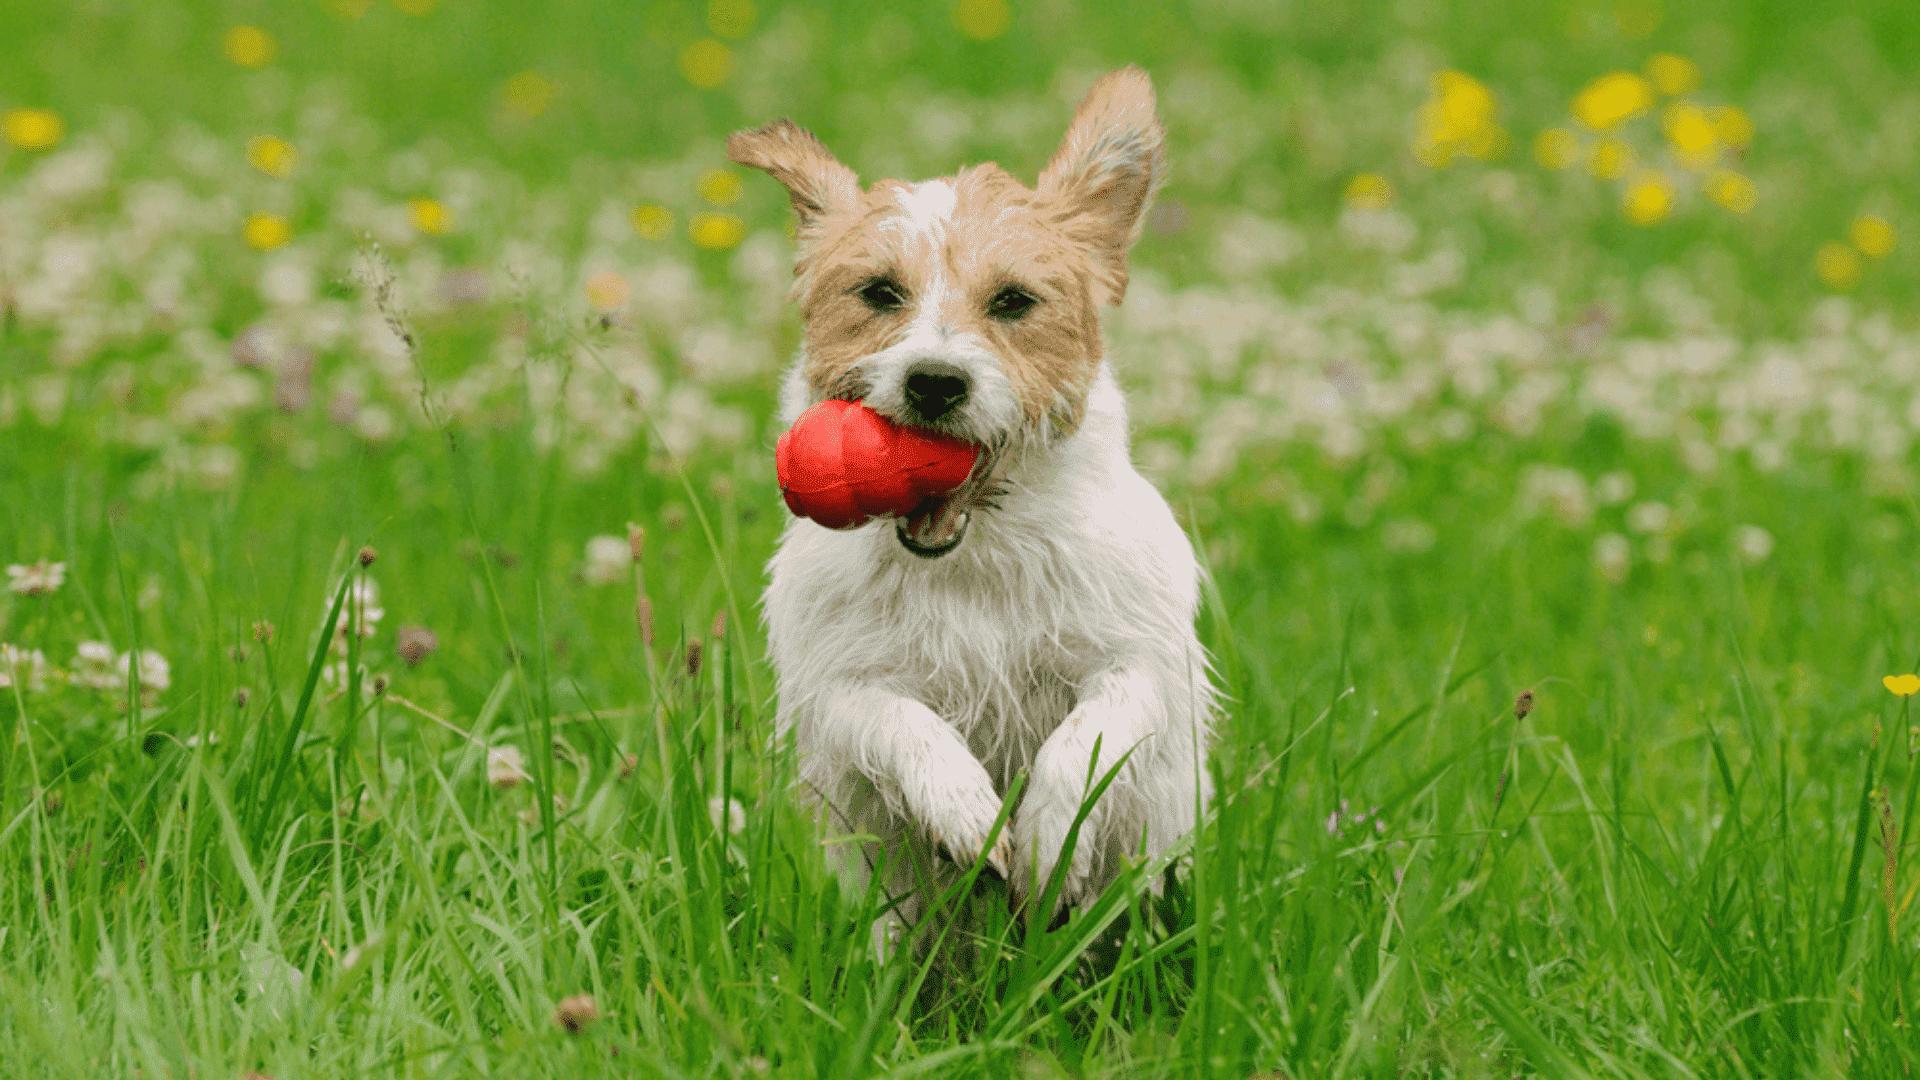 O brinquedo interativo, que esconde petiscos, estimula a inteligência e as funções cognitivas do cachorro (Reprodução/Shutterstock)